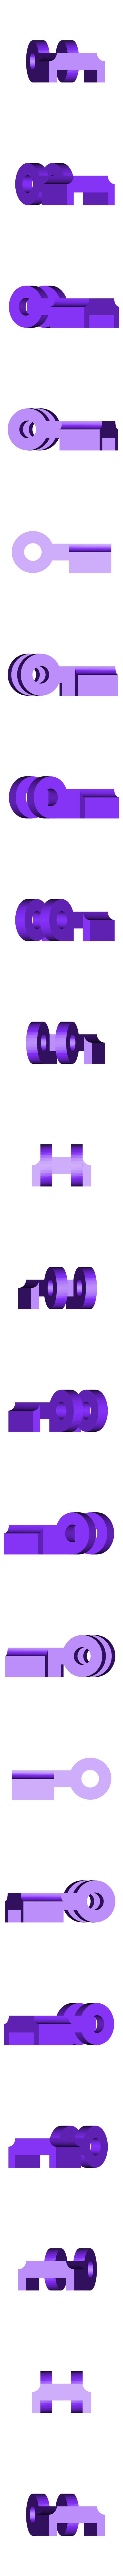 fixetubesupportled.STL Download free STL file Support led • 3D printer design, robroy